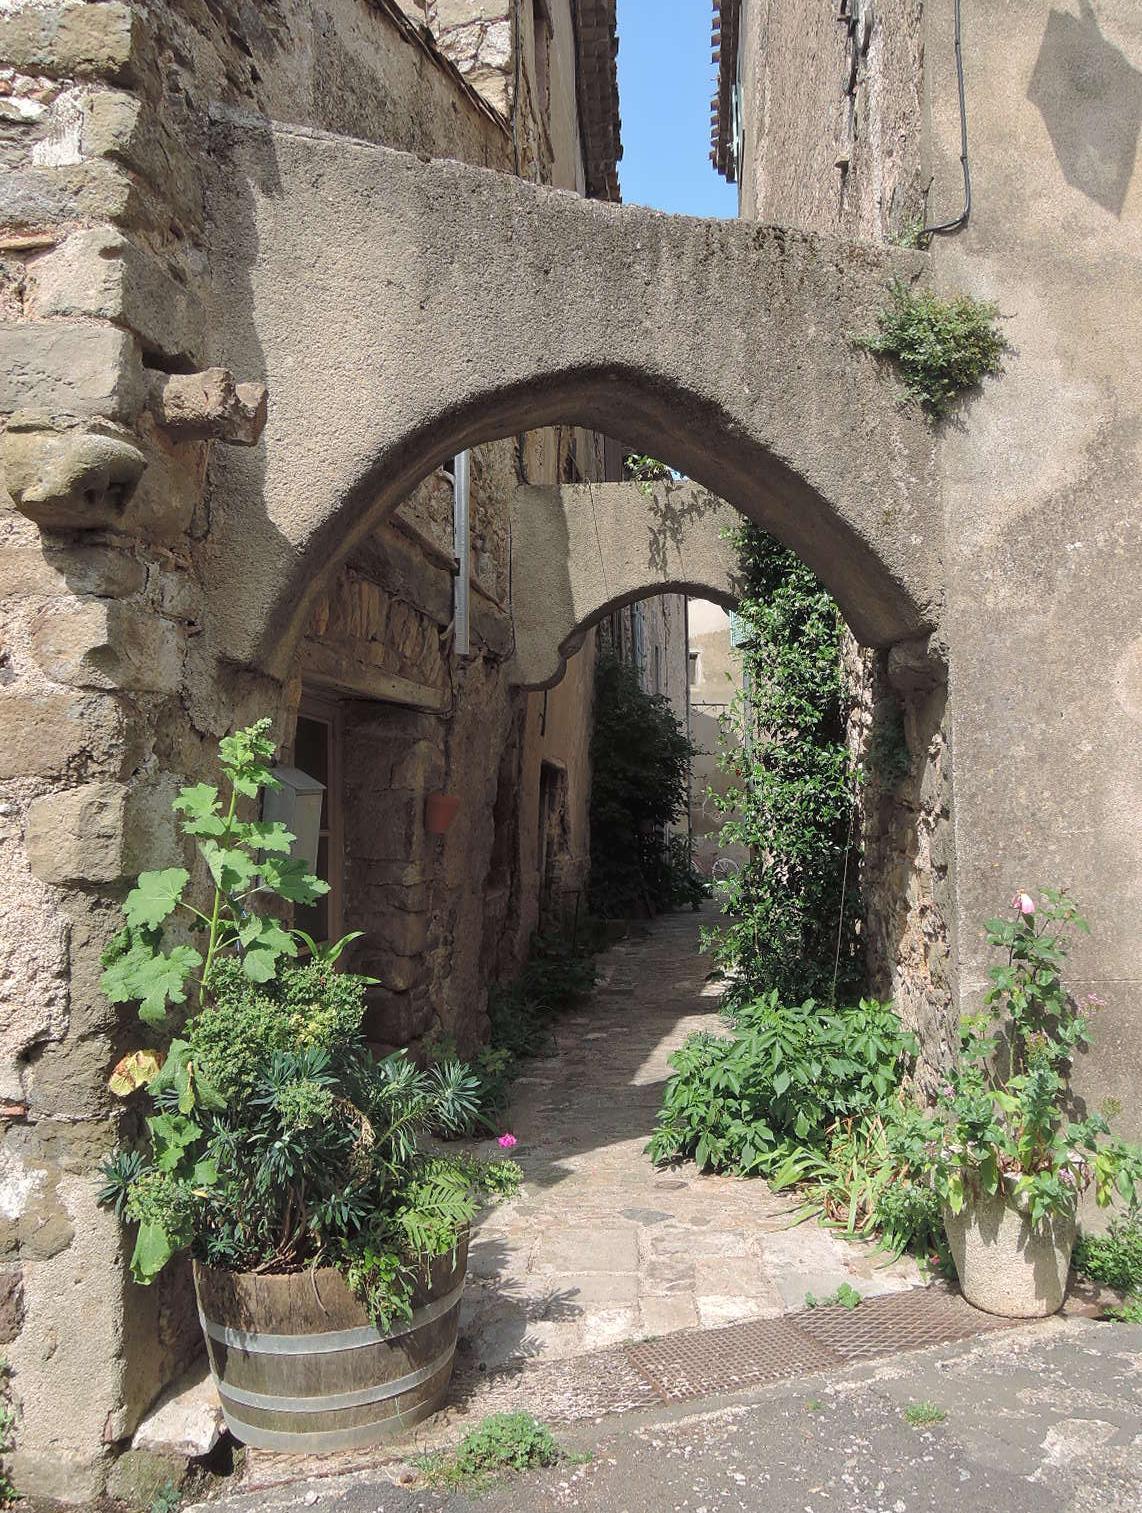 Callejón en Villerouge-Termenés.